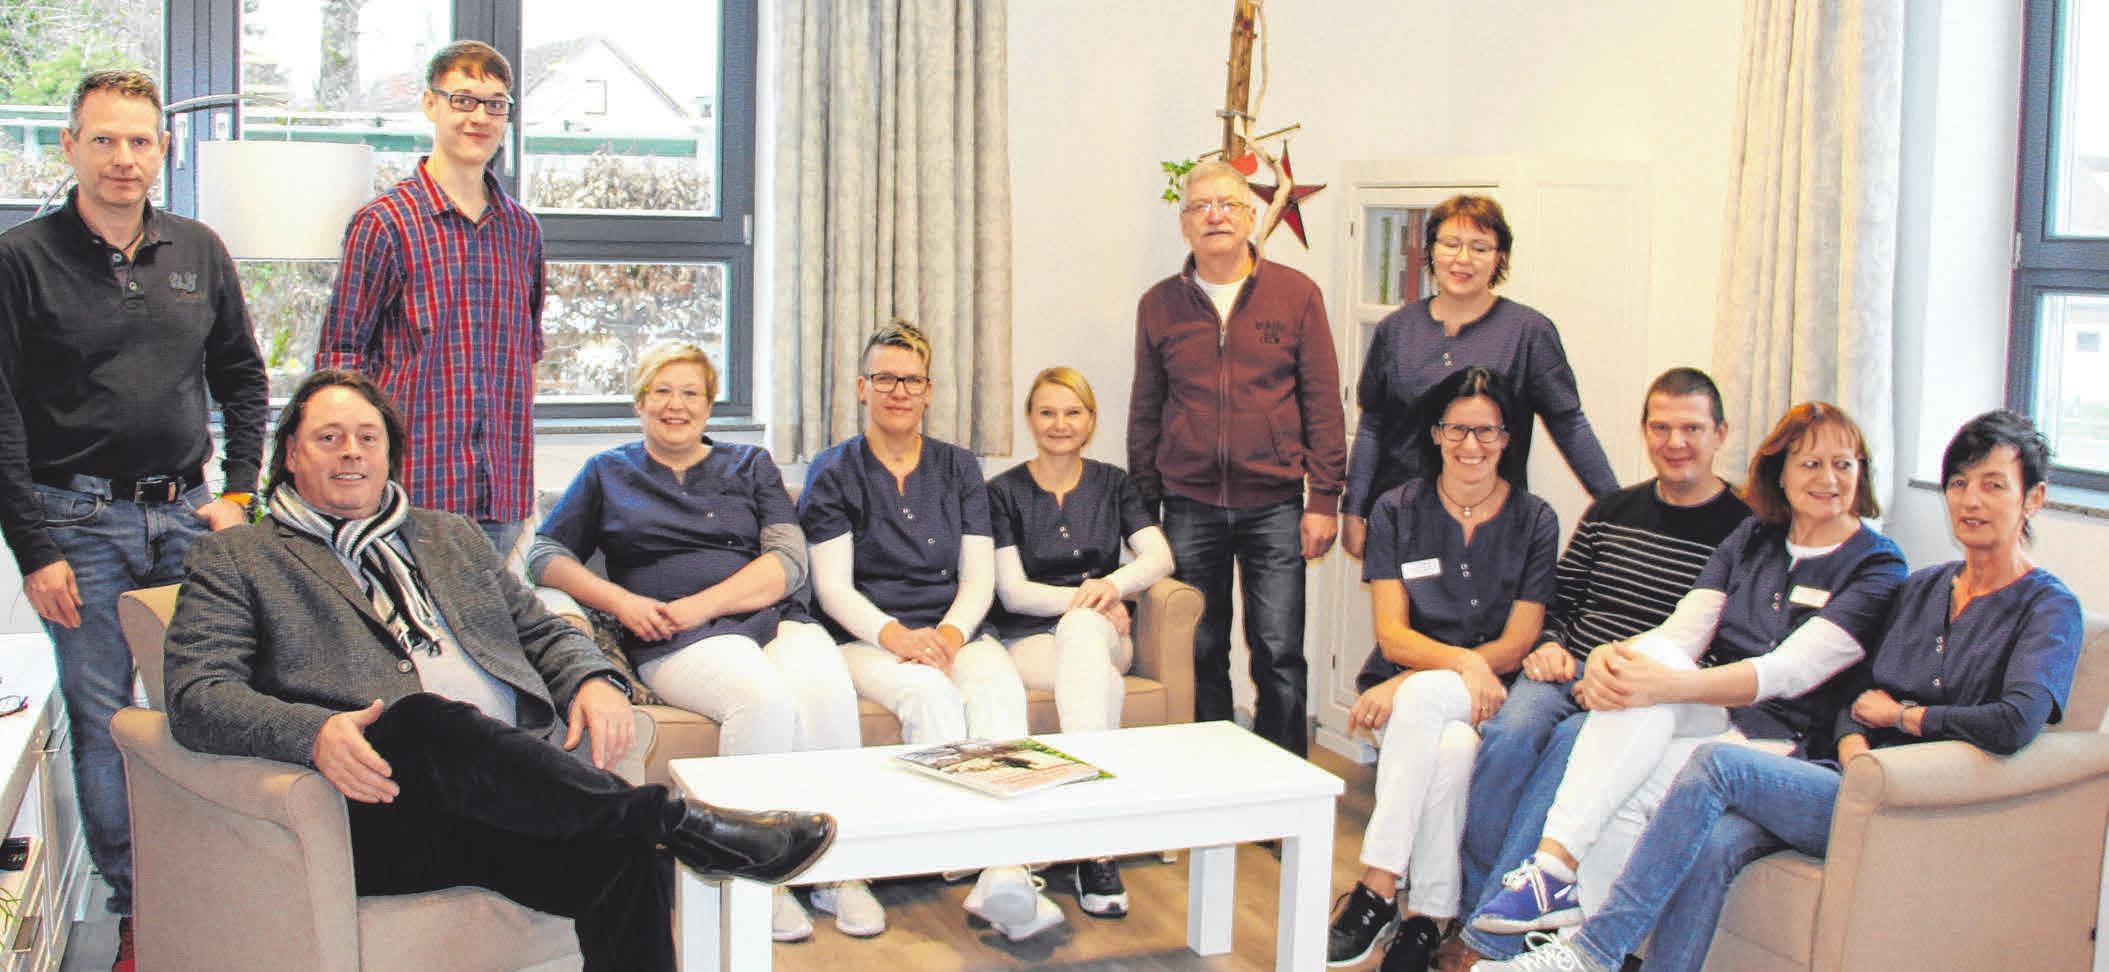 Geschäftsführer Ruldolf Saier (Zweiter von links) und sein motiviertes Tagespflege-Team posieren im Wohnzimmer gut gelaunt für ein Pressefoto. FOTO: SCHMIDL